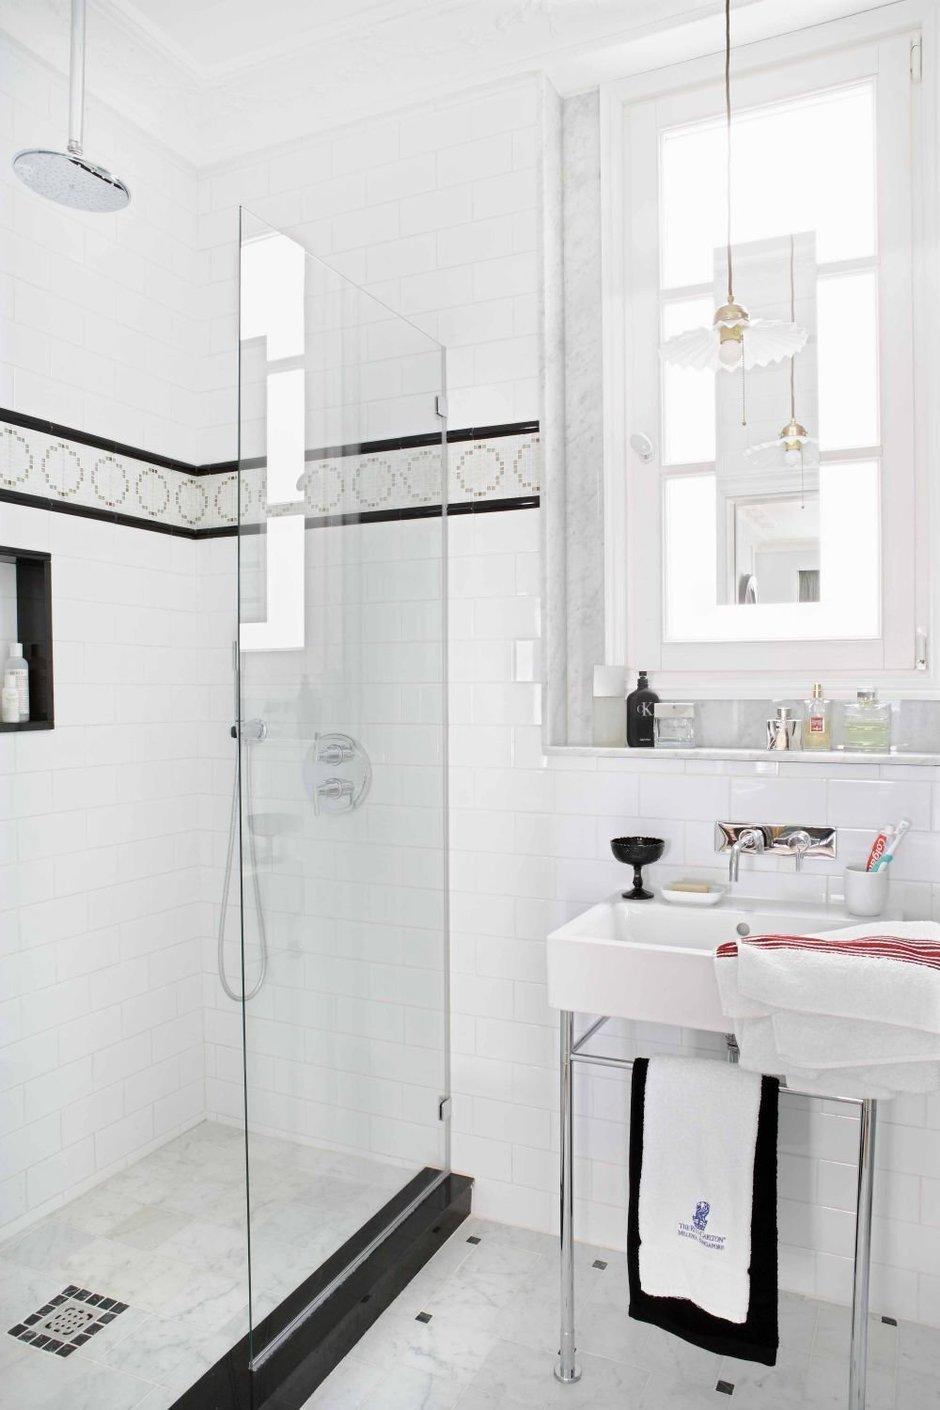 Фотография: Ванная в стиле Современный, Классический, Эклектика, Квартира, Цвет в интерьере, Дома и квартиры, Белый, Ретро – фото на InMyRoom.ru